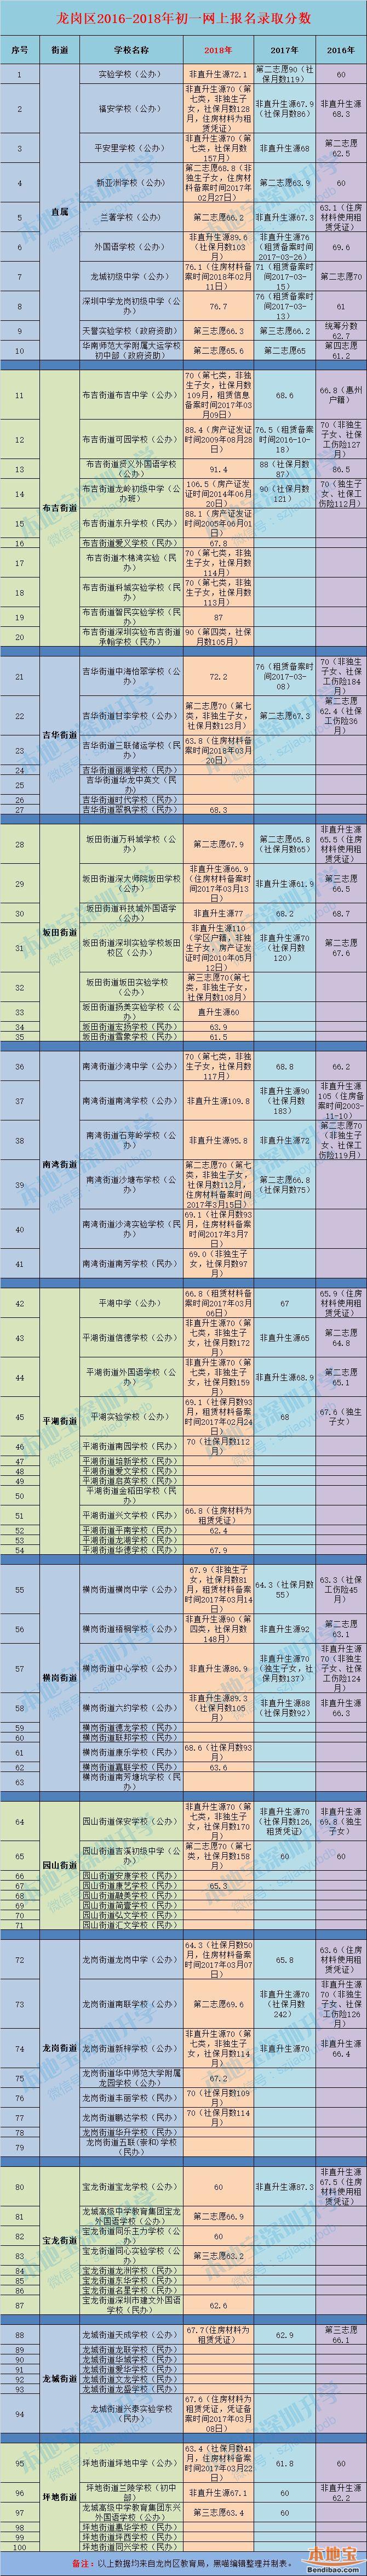 2018年龙岗各学校初一录取分数线持续更新(最低积分)